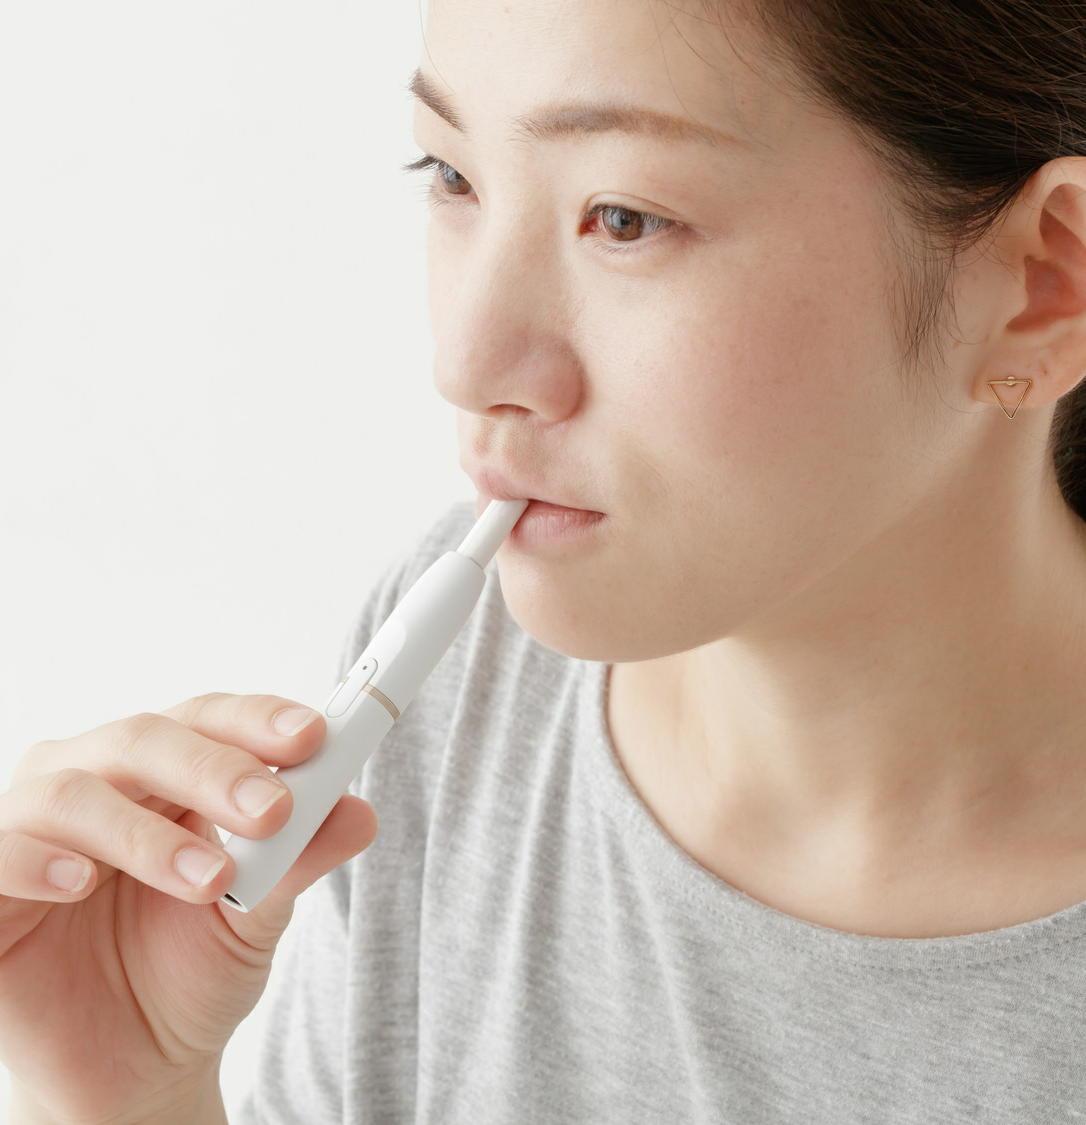 「新型たばこ」はやはり危険 WHOが報告書「規制の対象とするべき」